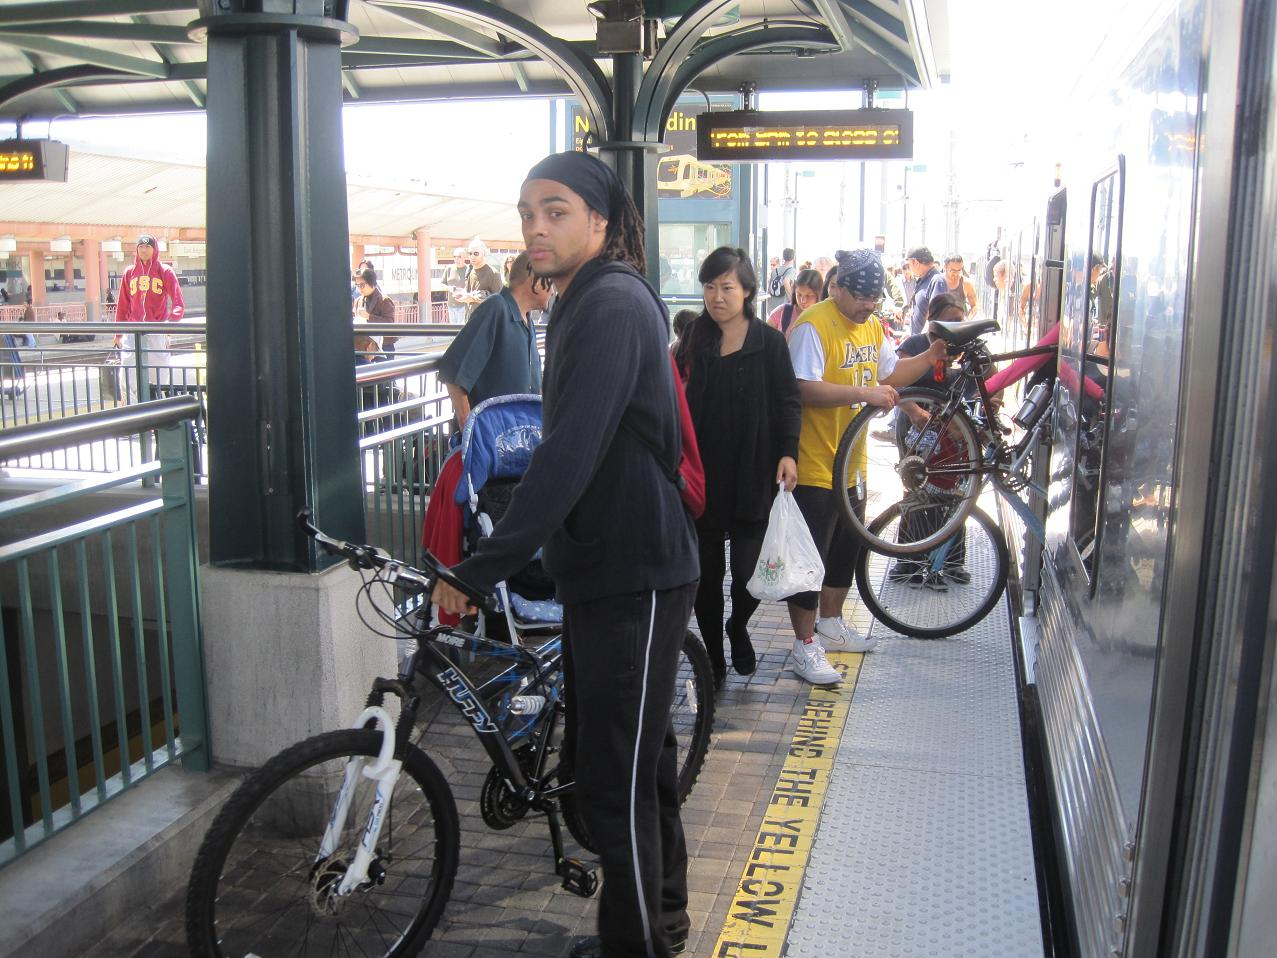 En la plataforma de la Línea Dorada del Metro en Union Staiton.